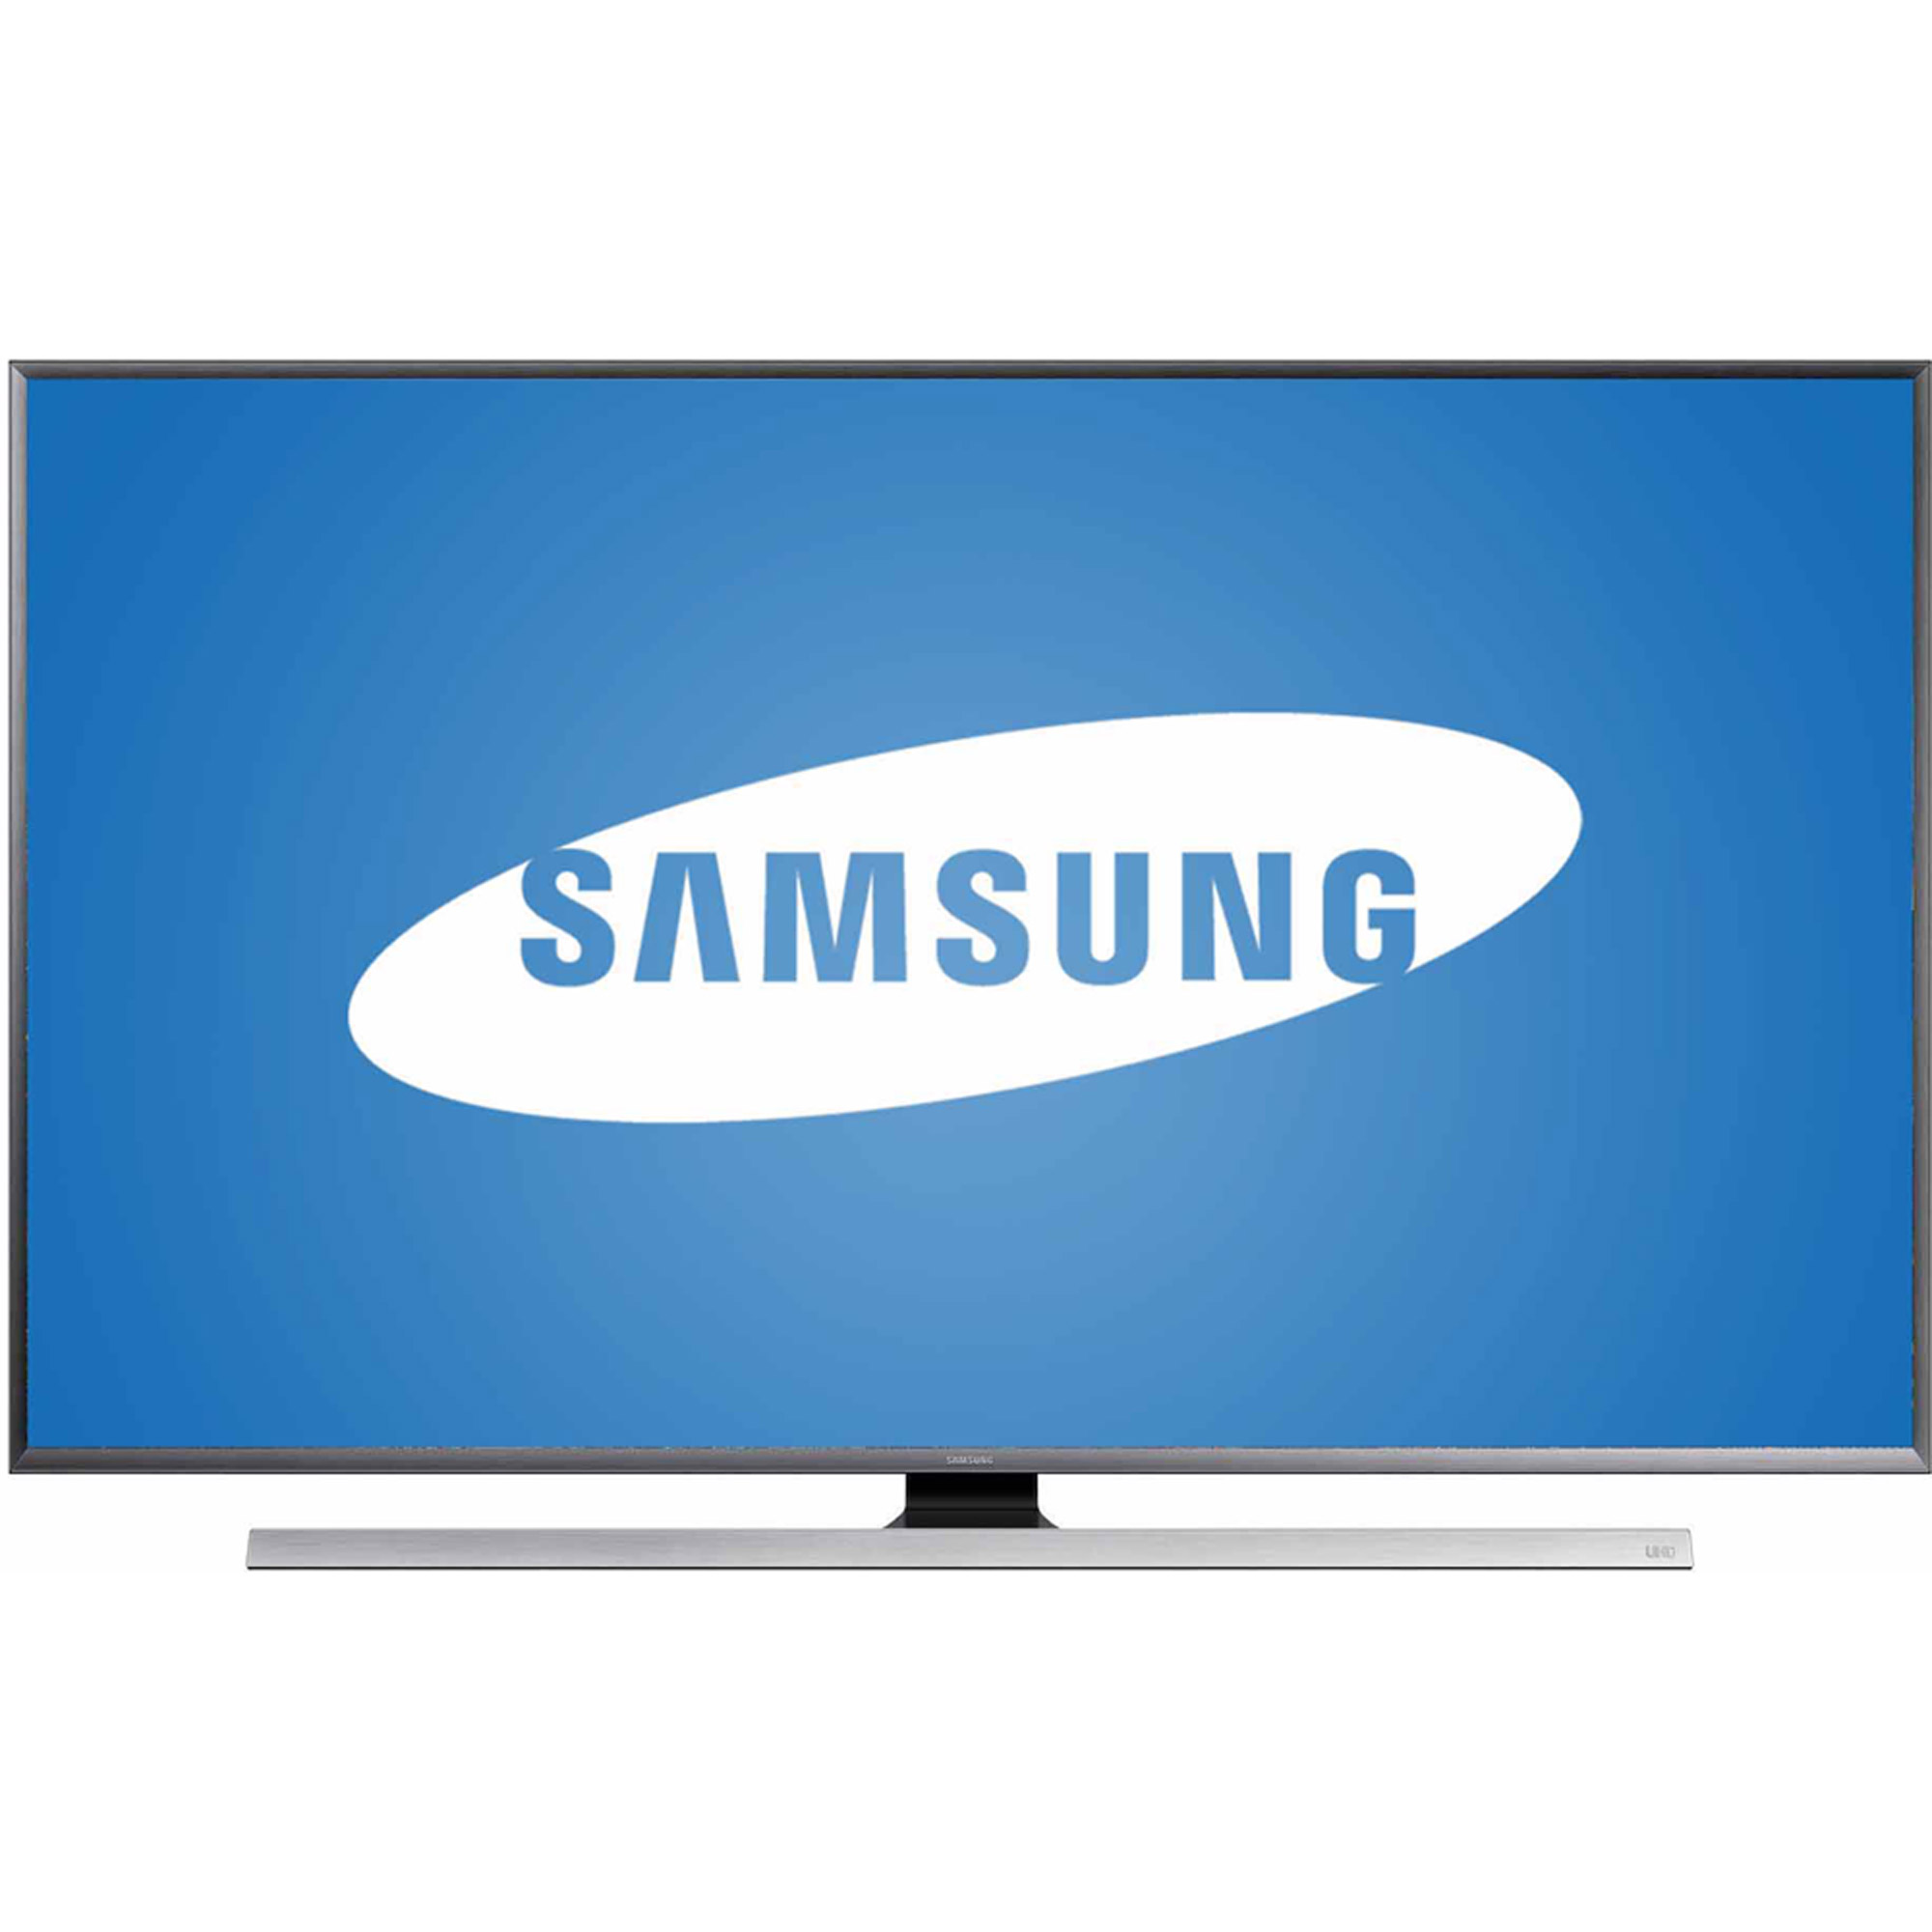 """SAMSUNG 50"""" 7100 Series - 4K Ultra HD Smart LED TV - 2160p, 240MR (Model#: UN50JU7100)"""